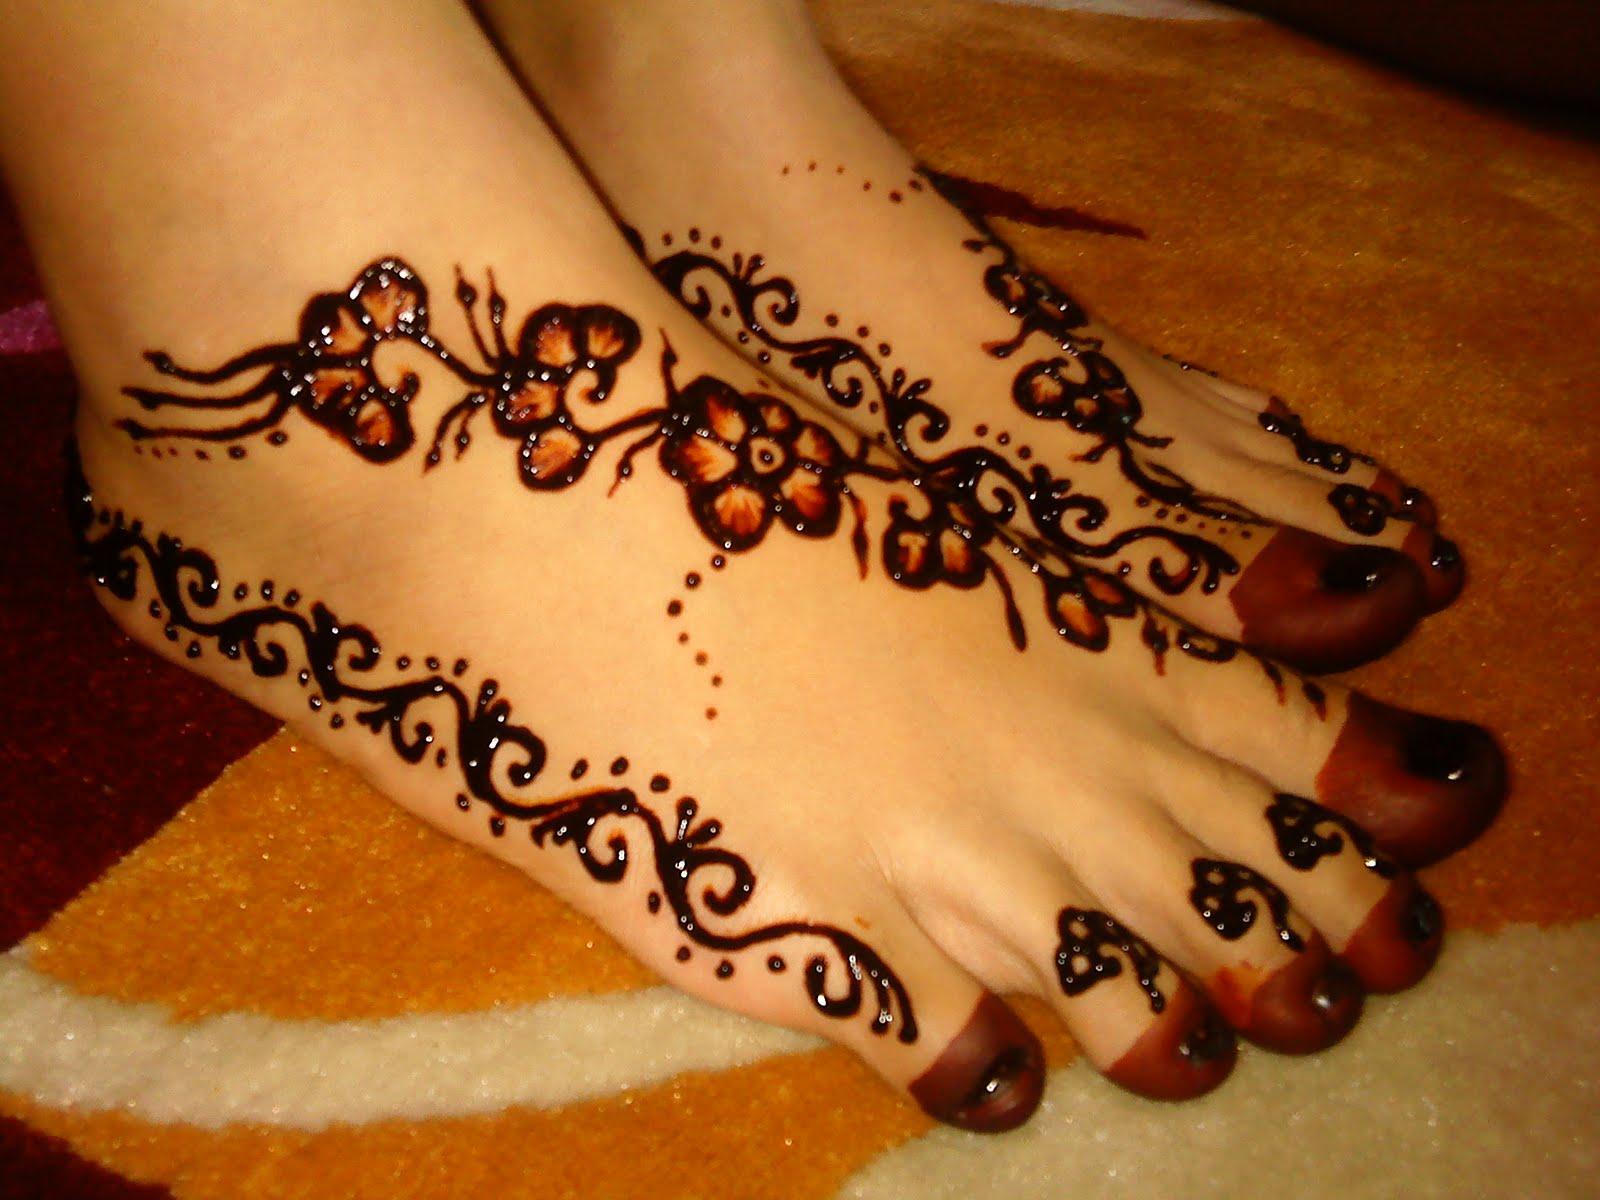 Gambar Henna Pengantin Untuk Kaki Balehenna